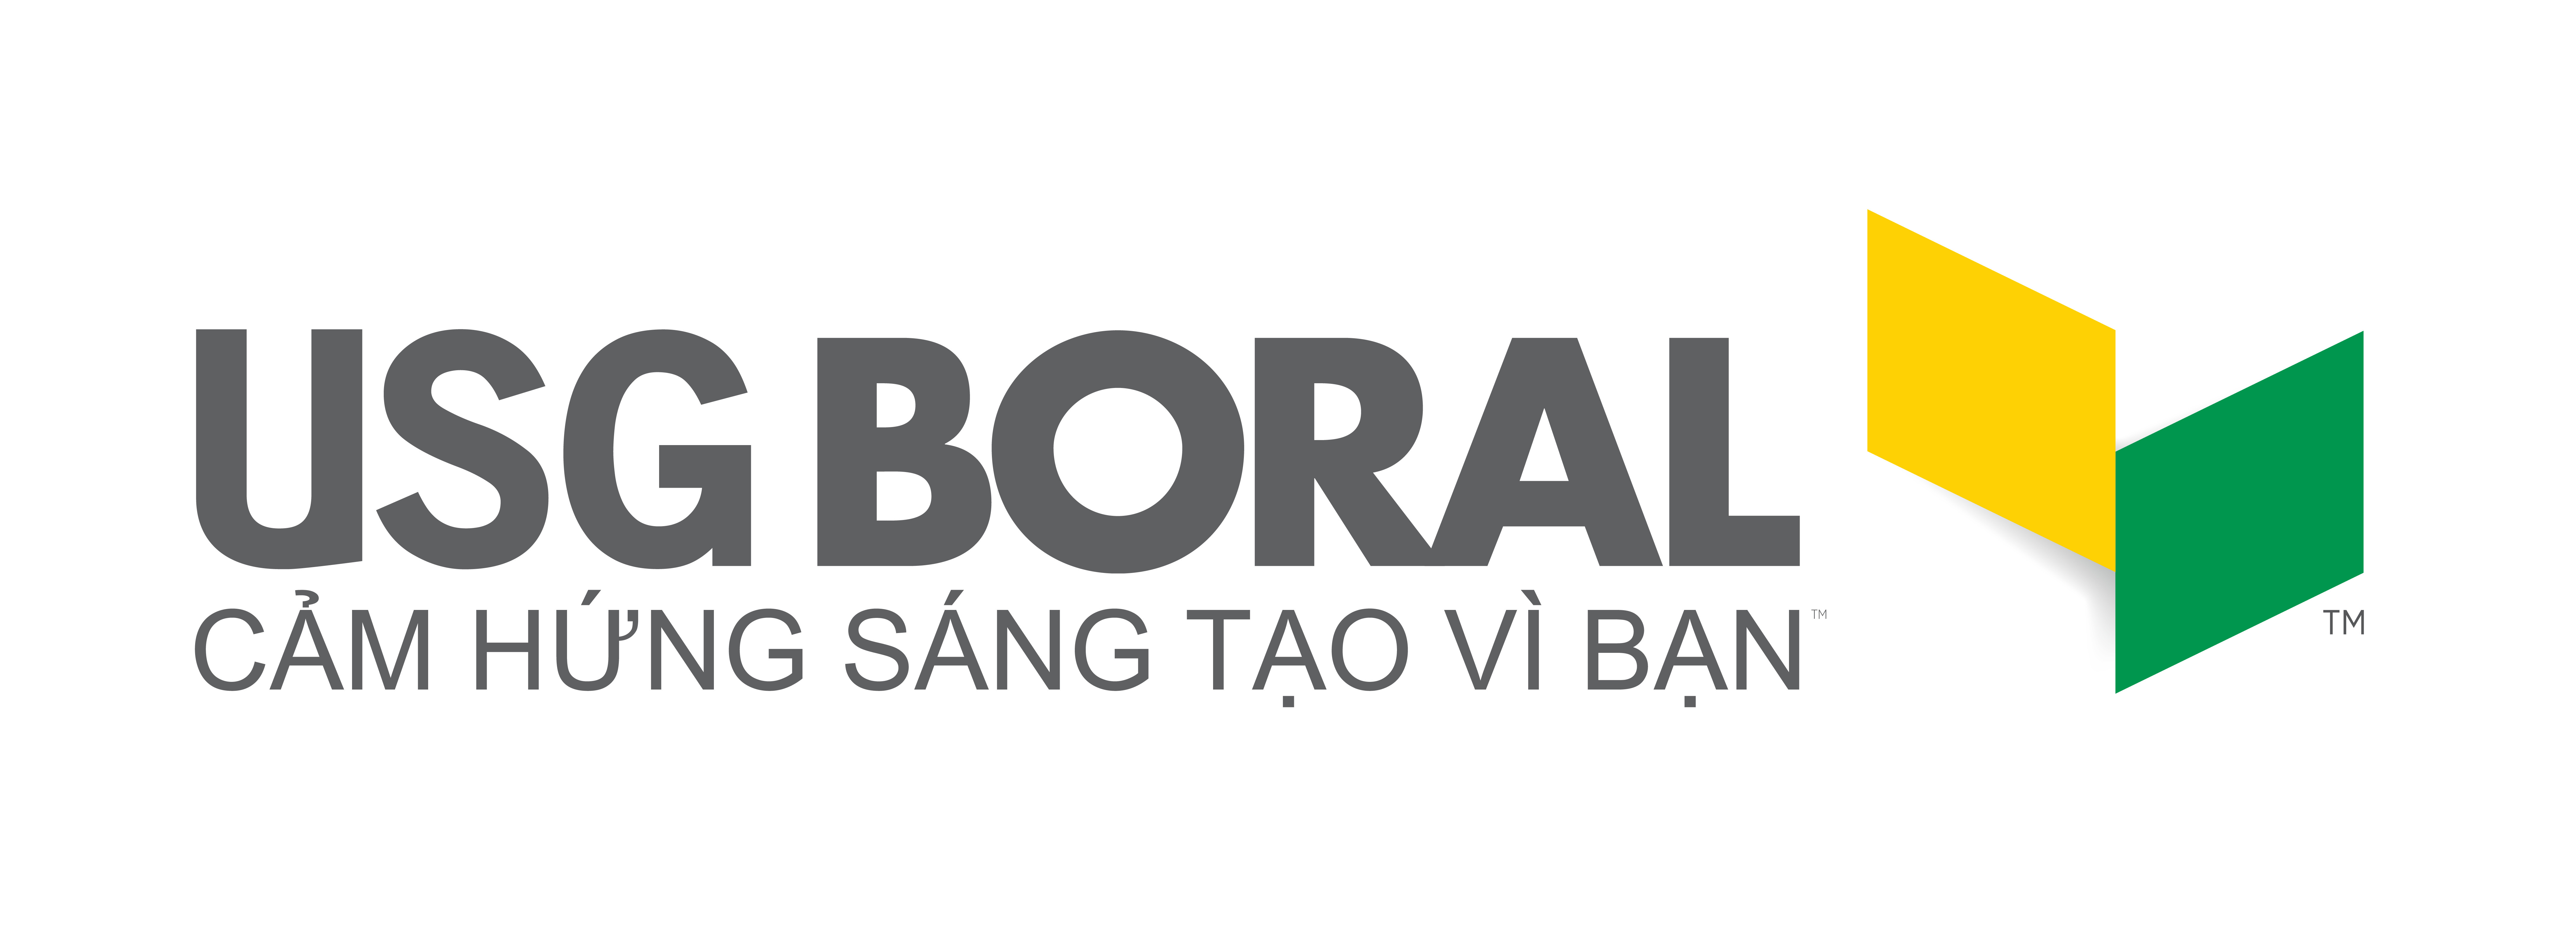 14 Boral